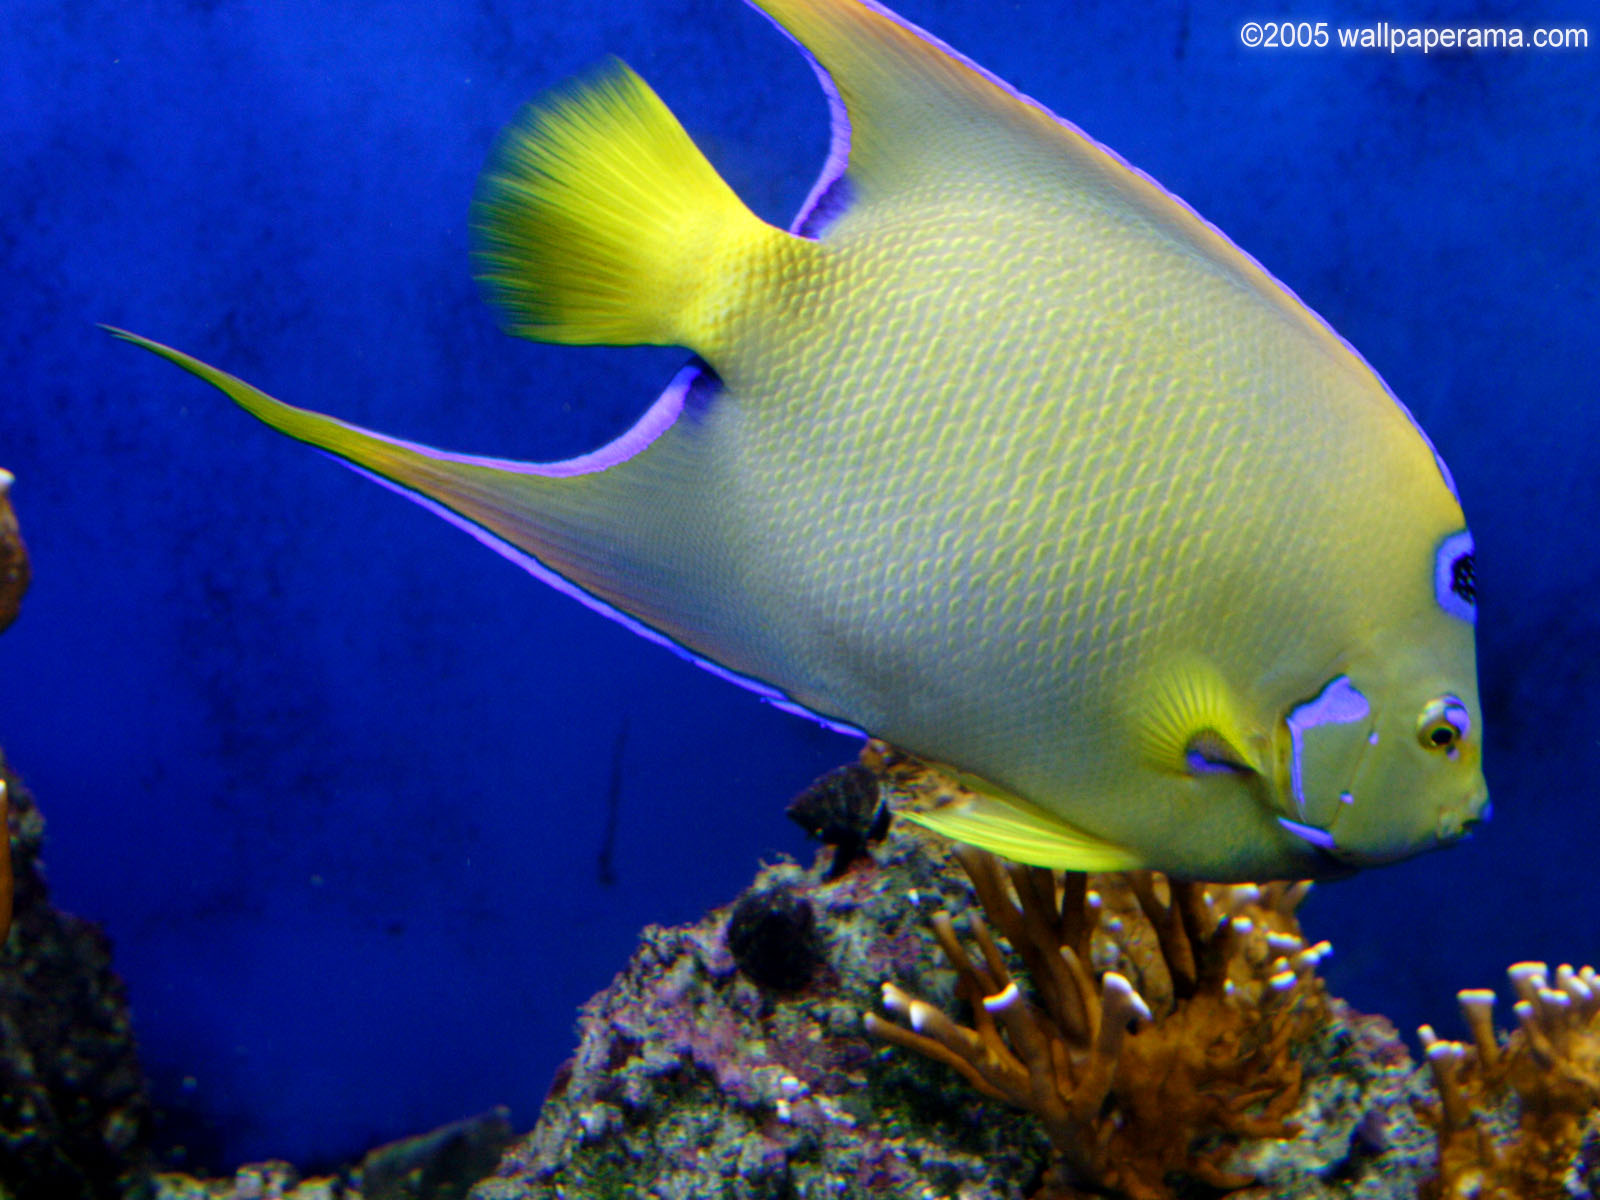 HD Tropical Fish Wallpaper - WallpaperSafari  HD Tropical Fis...